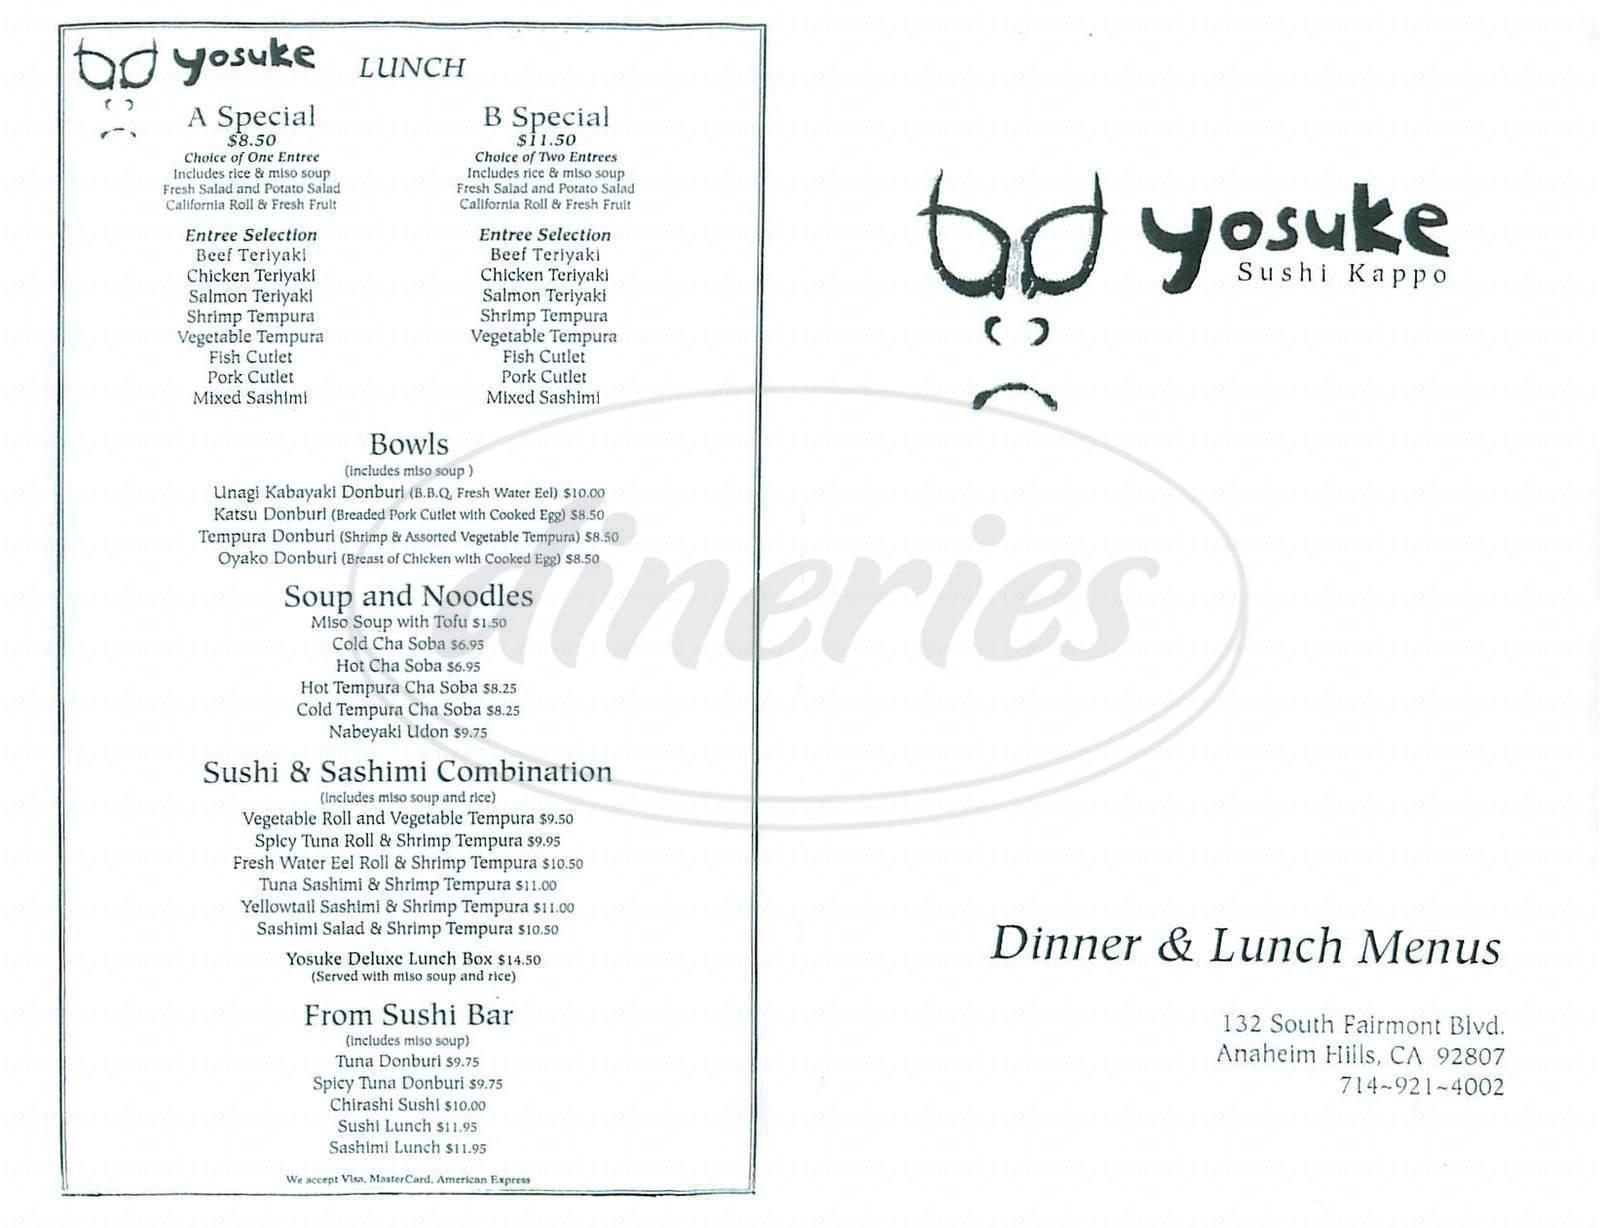 menu for Yosuke Sushi Kappo